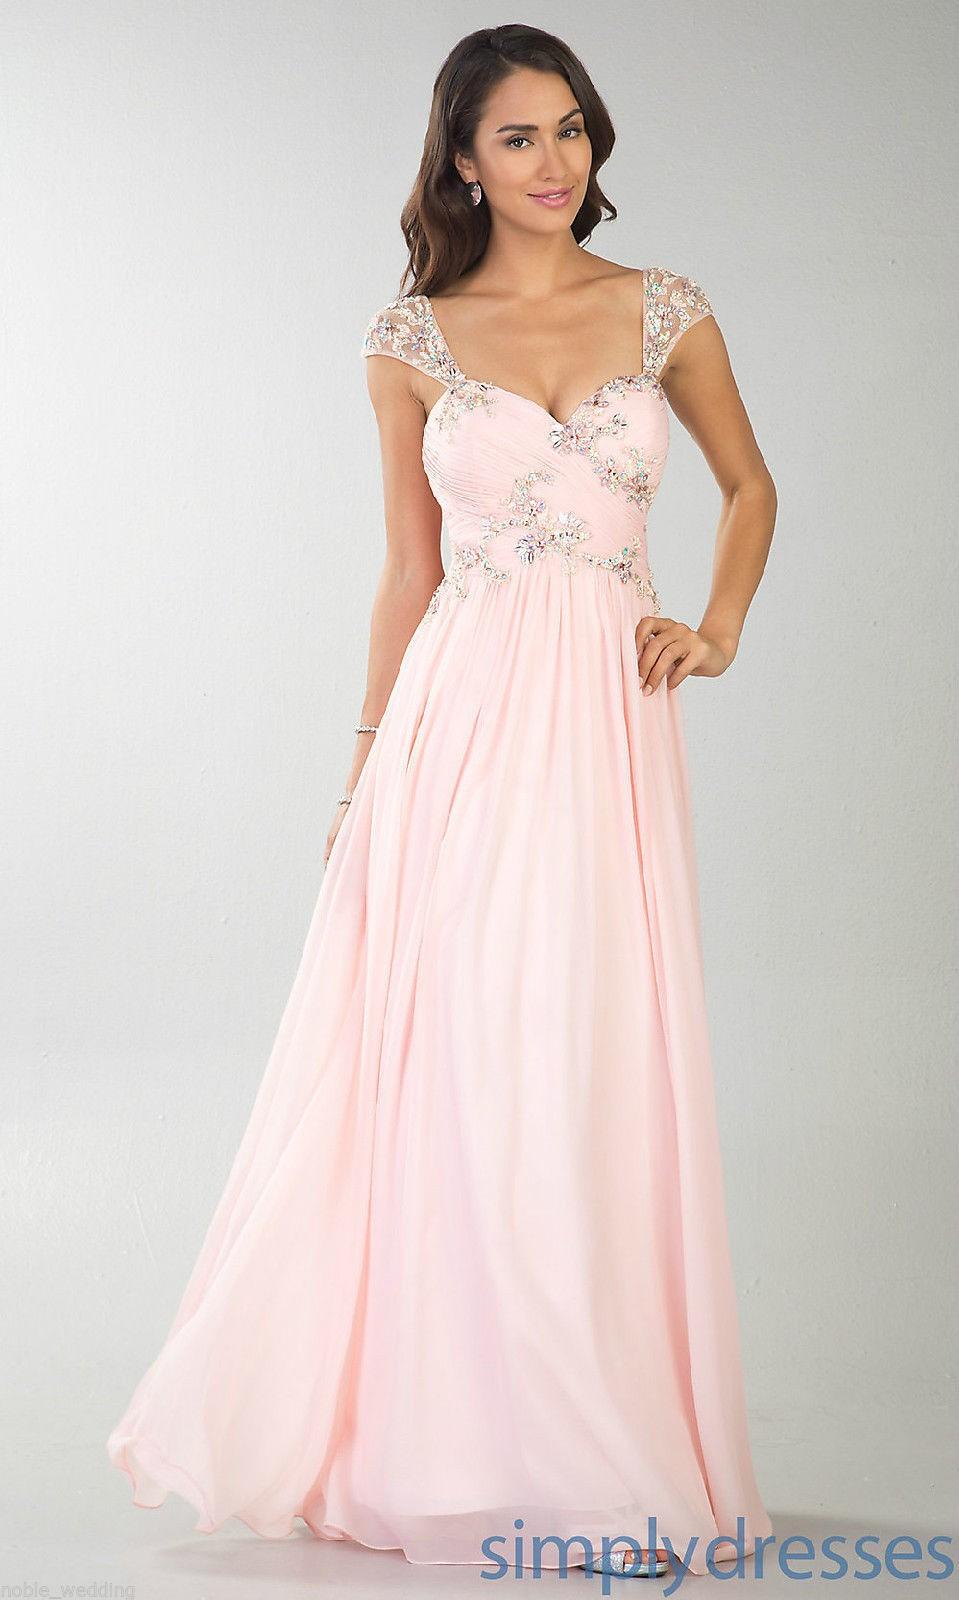 нью-лонг шифон ремень форма ну вечеринку бальное платье платье для выпускного бала